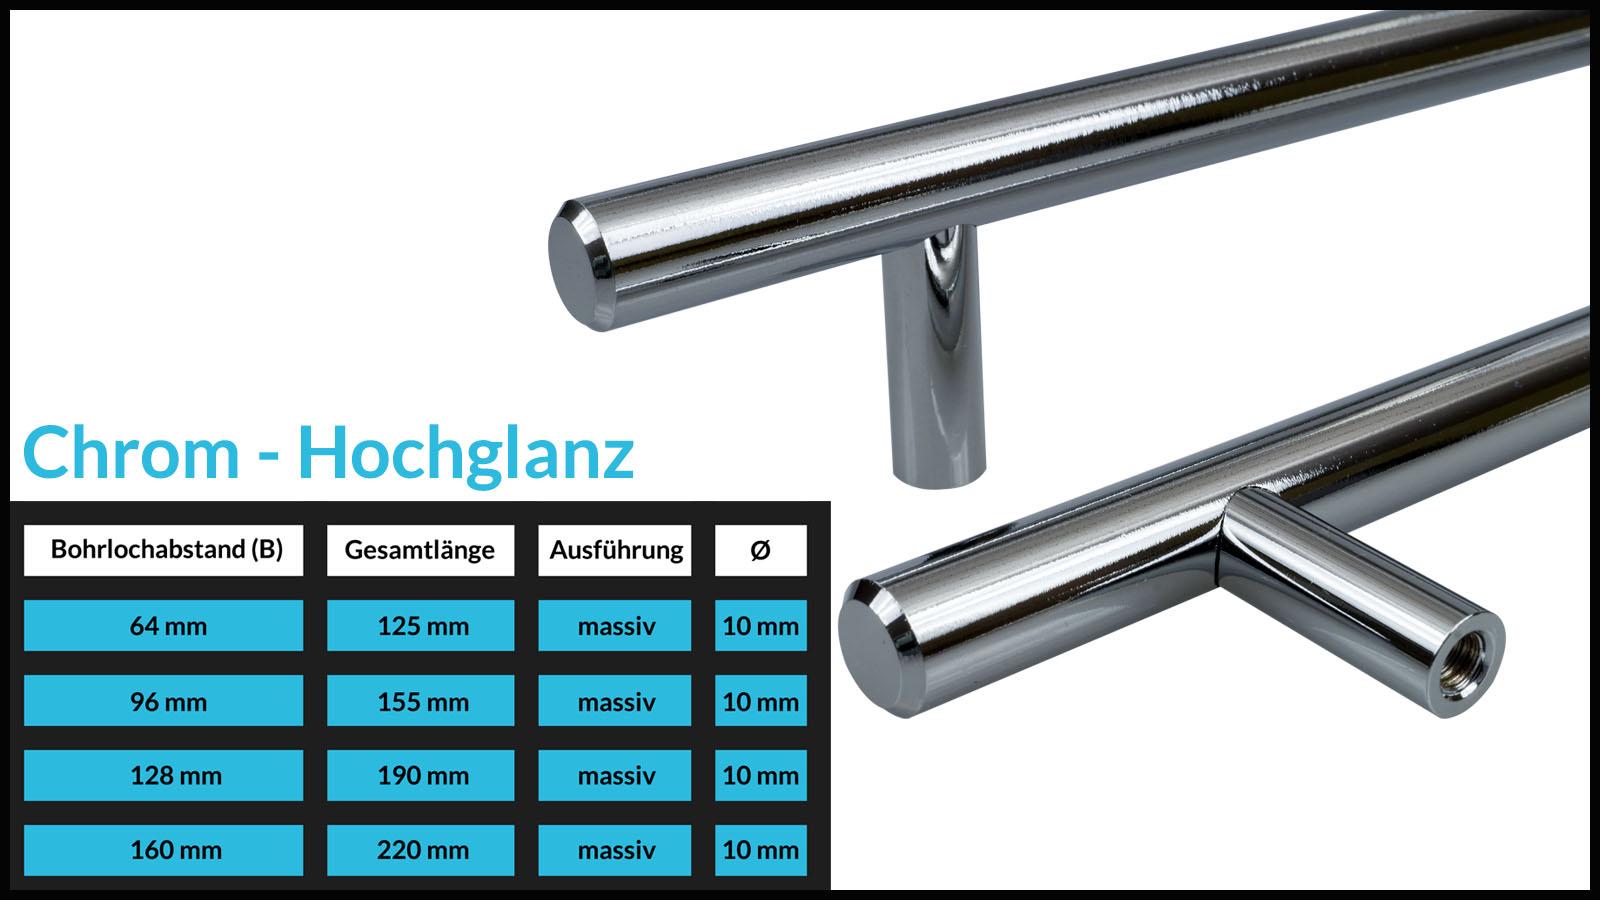 Beste Schwarz Nickel Küchentürgriffe Fotos - Küchenschrank Ideen ...